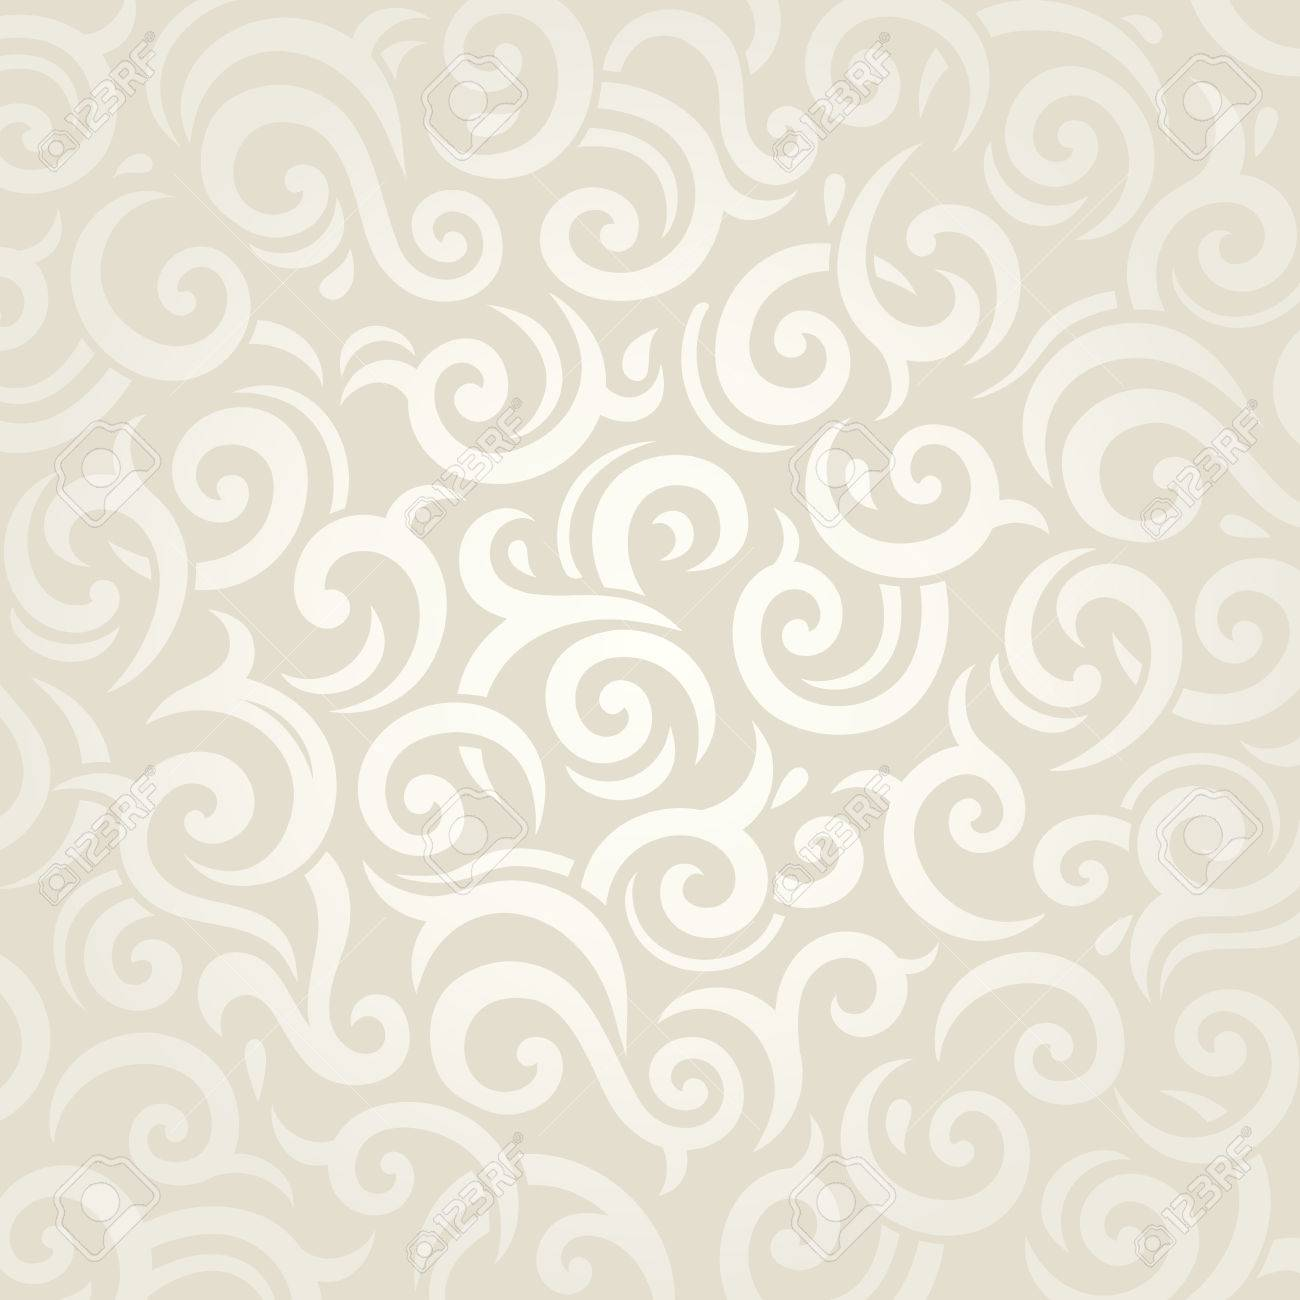 結婚式ヴィンテージ レトロな穏やかなベクトルの壁紙デザインの